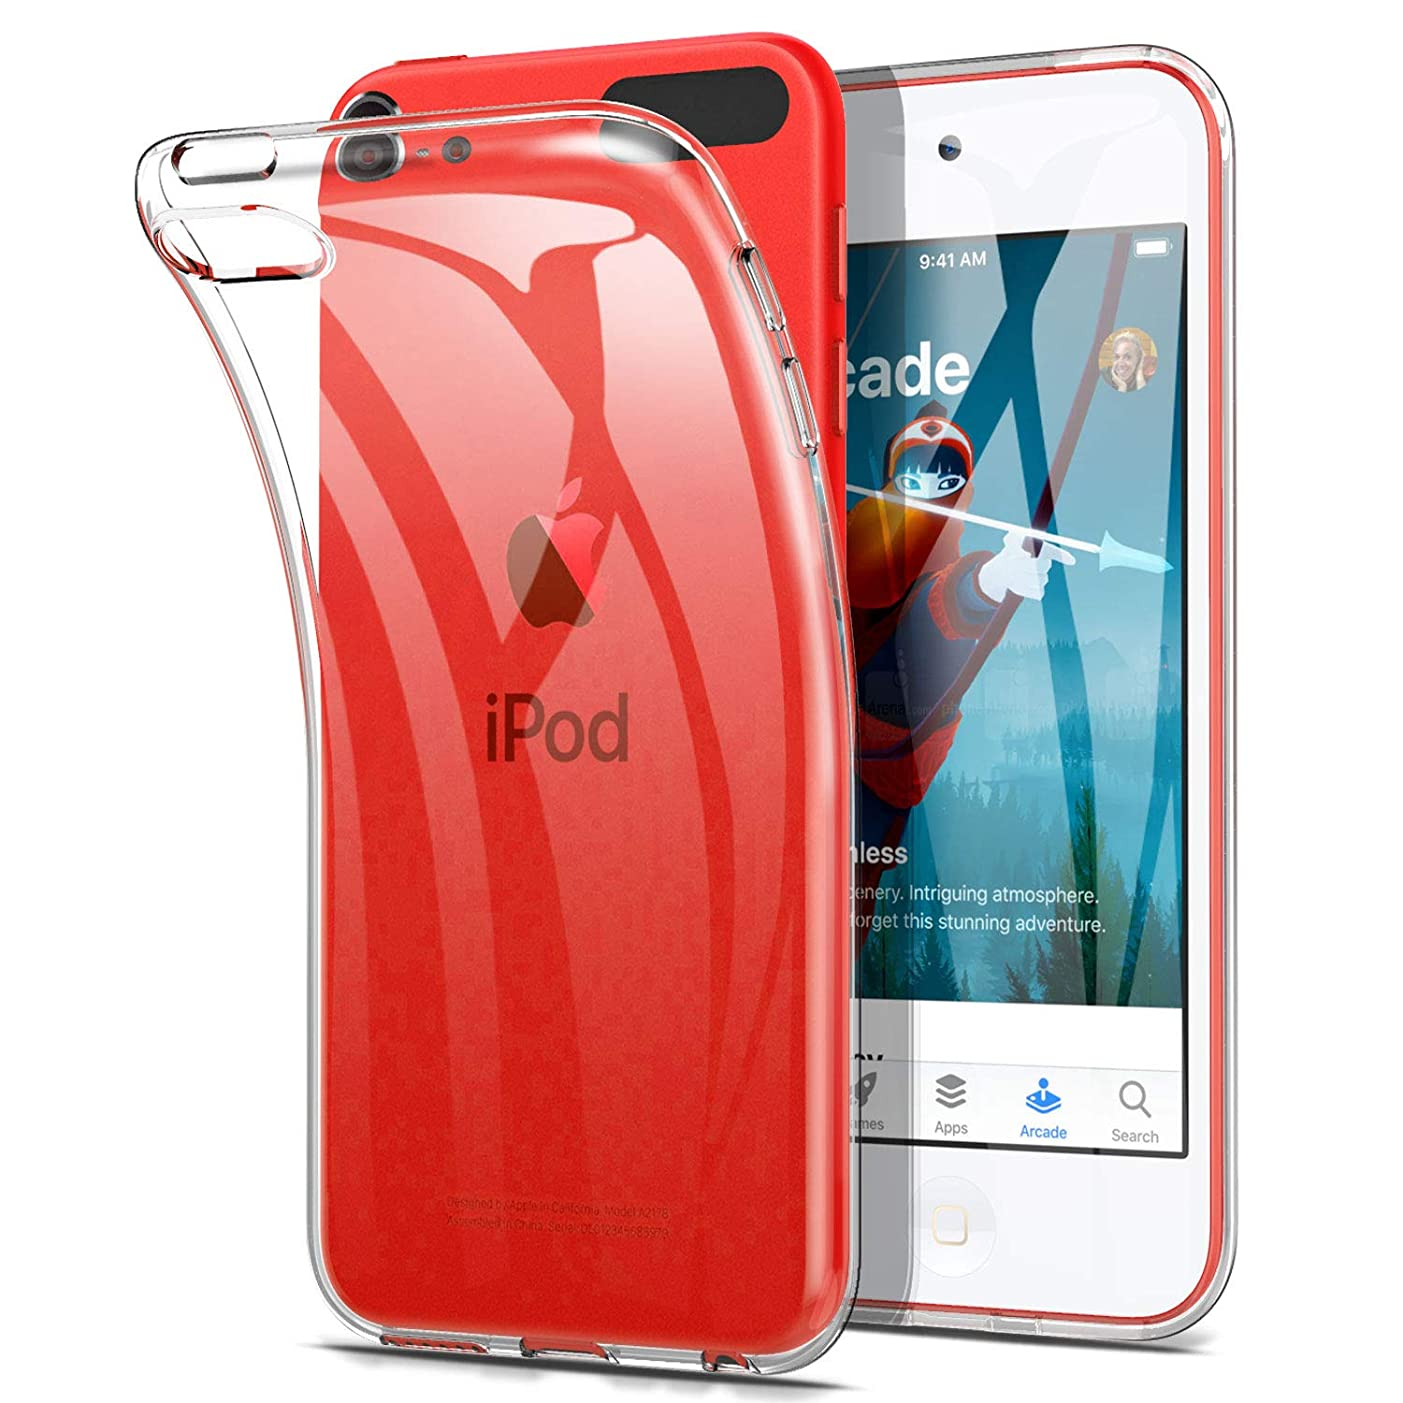 アナログ解くタイヤiPod touch 7 /iPod touch 6 ケース ELTD Apple iPod touch 第7世代/ 第6世代モデル用クリアケース TPU ソフト バンパー 黄変防止 初期不良返金/返品対応